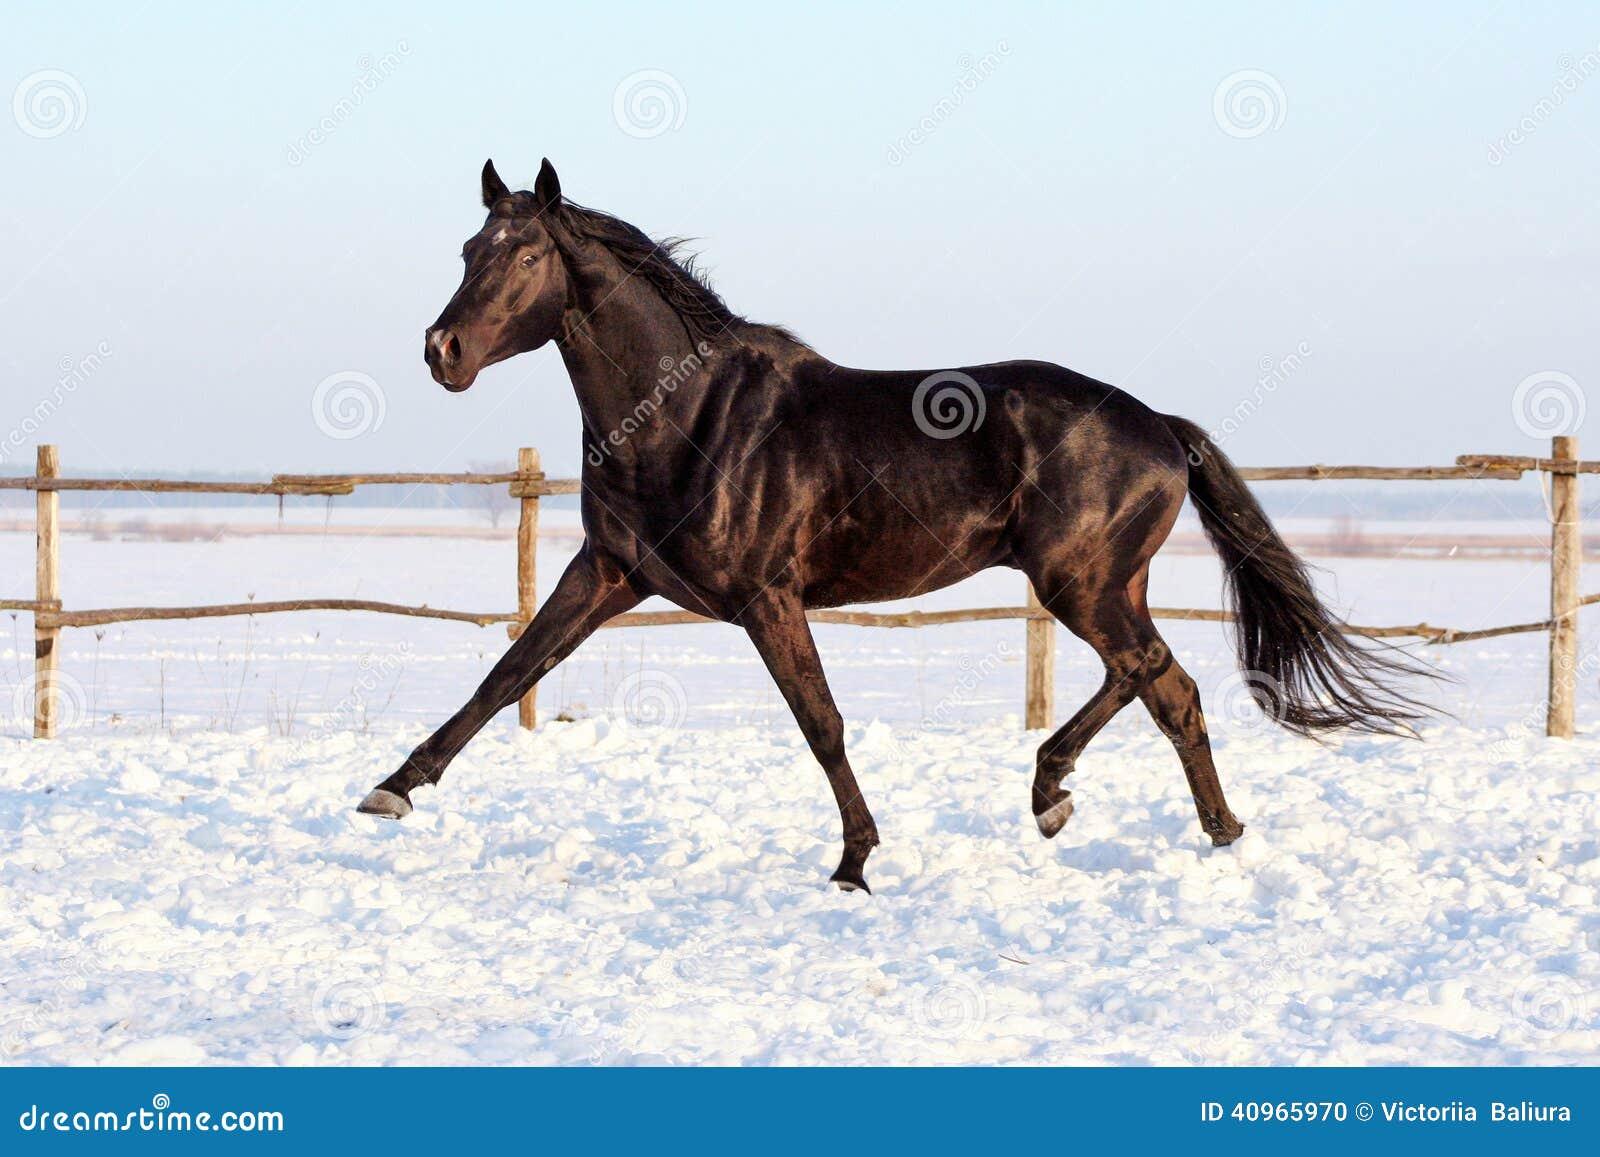 Ukrainian Horse Breed Horses Stock Photo Image Of Stallion Beautiful 40965970